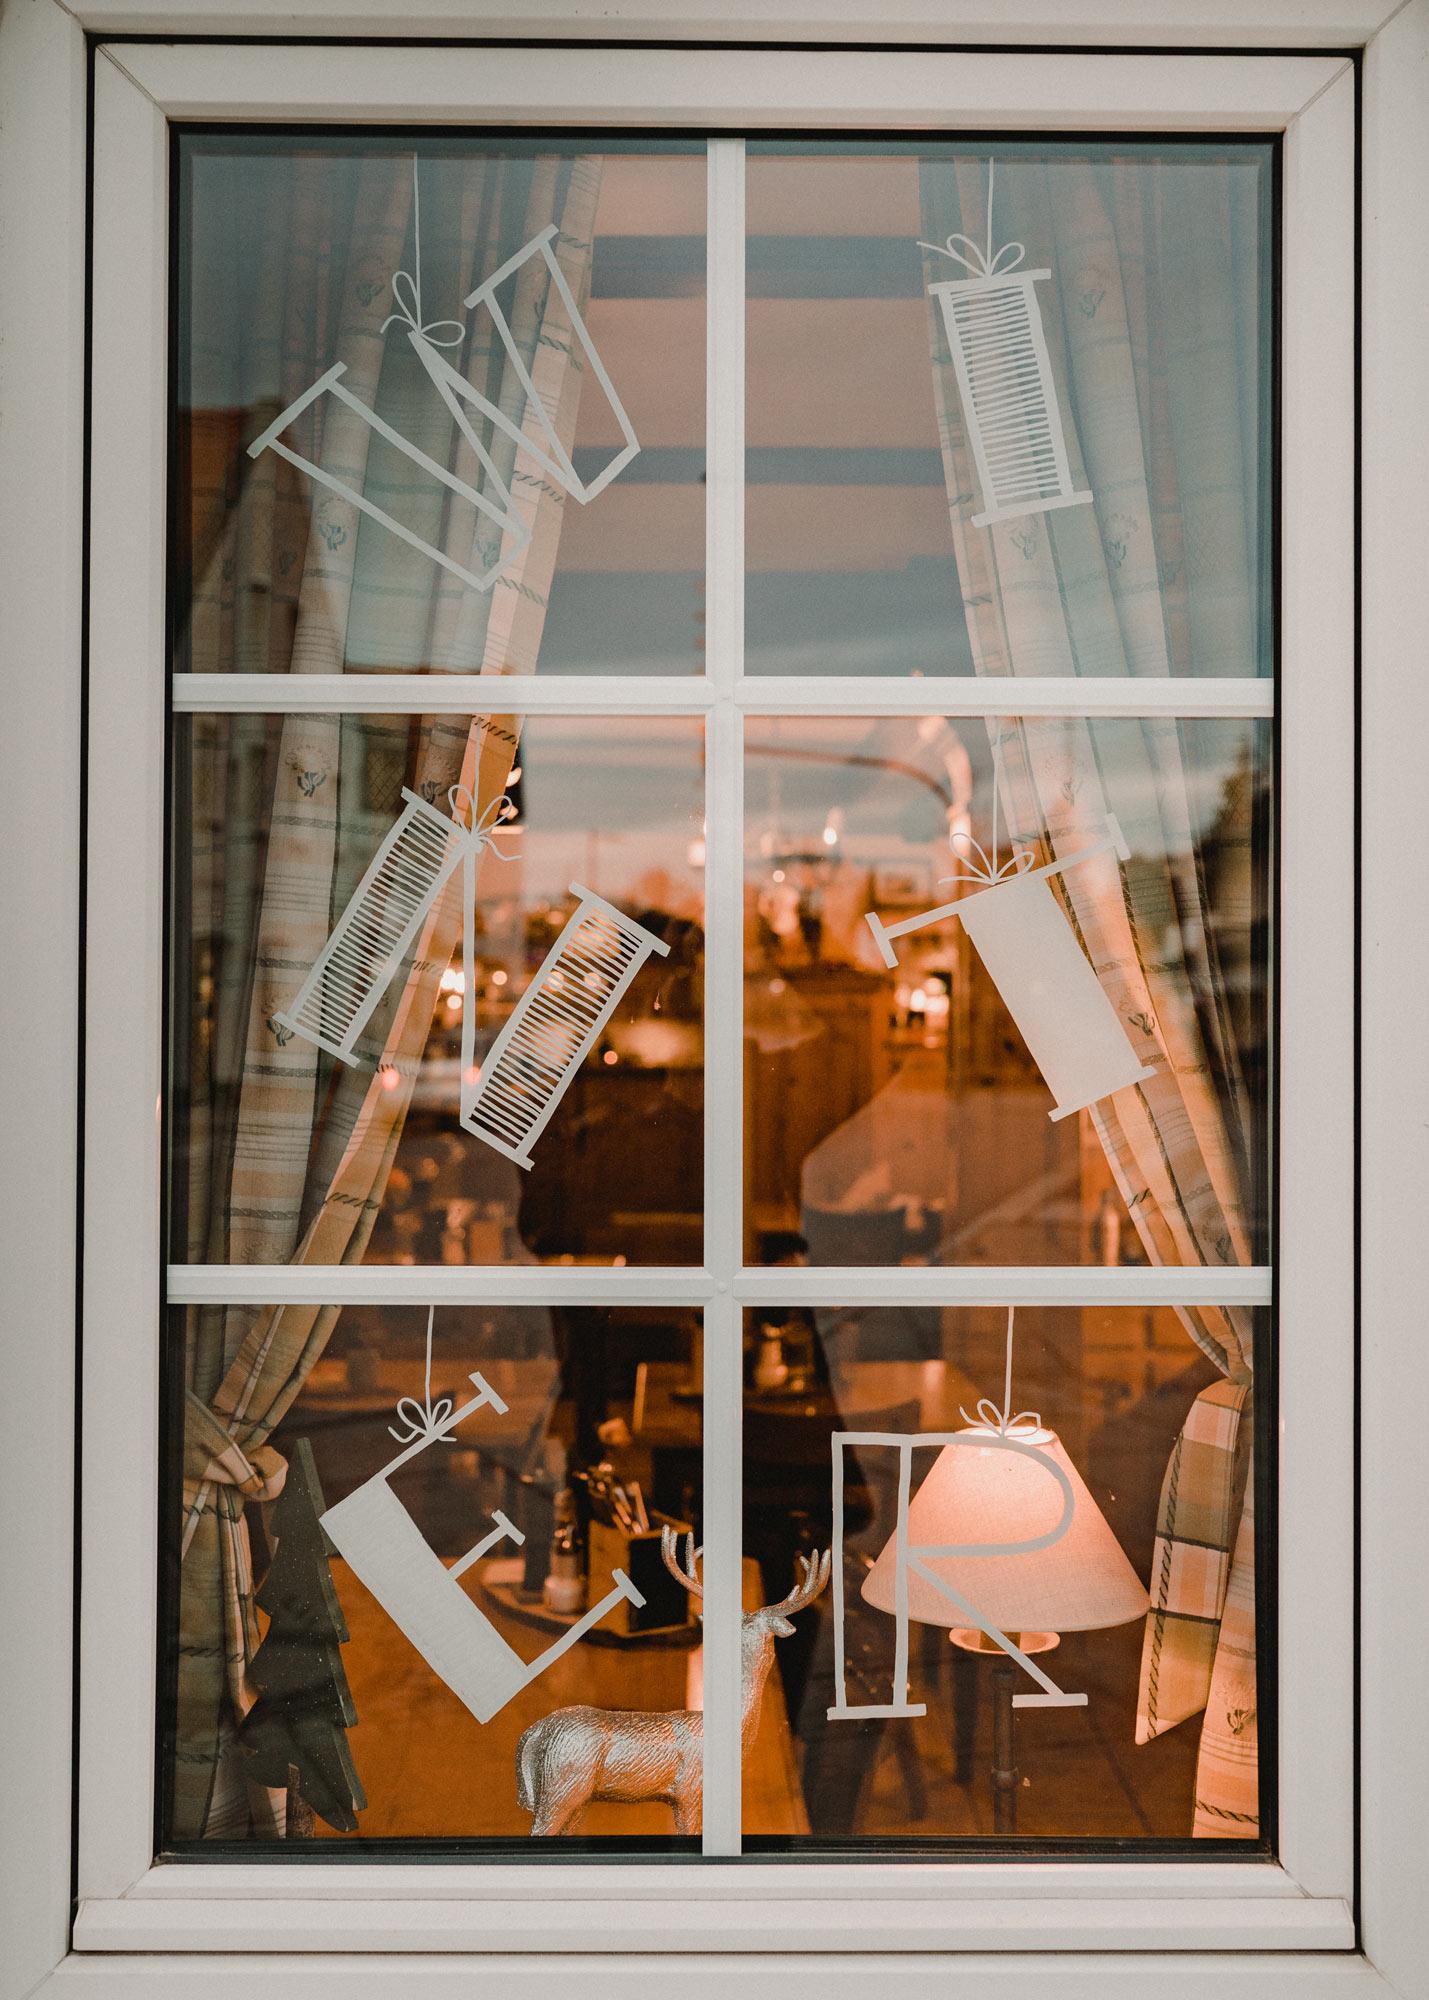 Gasthausfenster mit weißer Bemalung: Die Buchstaben W I N T E R sind auf dem unterteilten Fenster zu sehen.